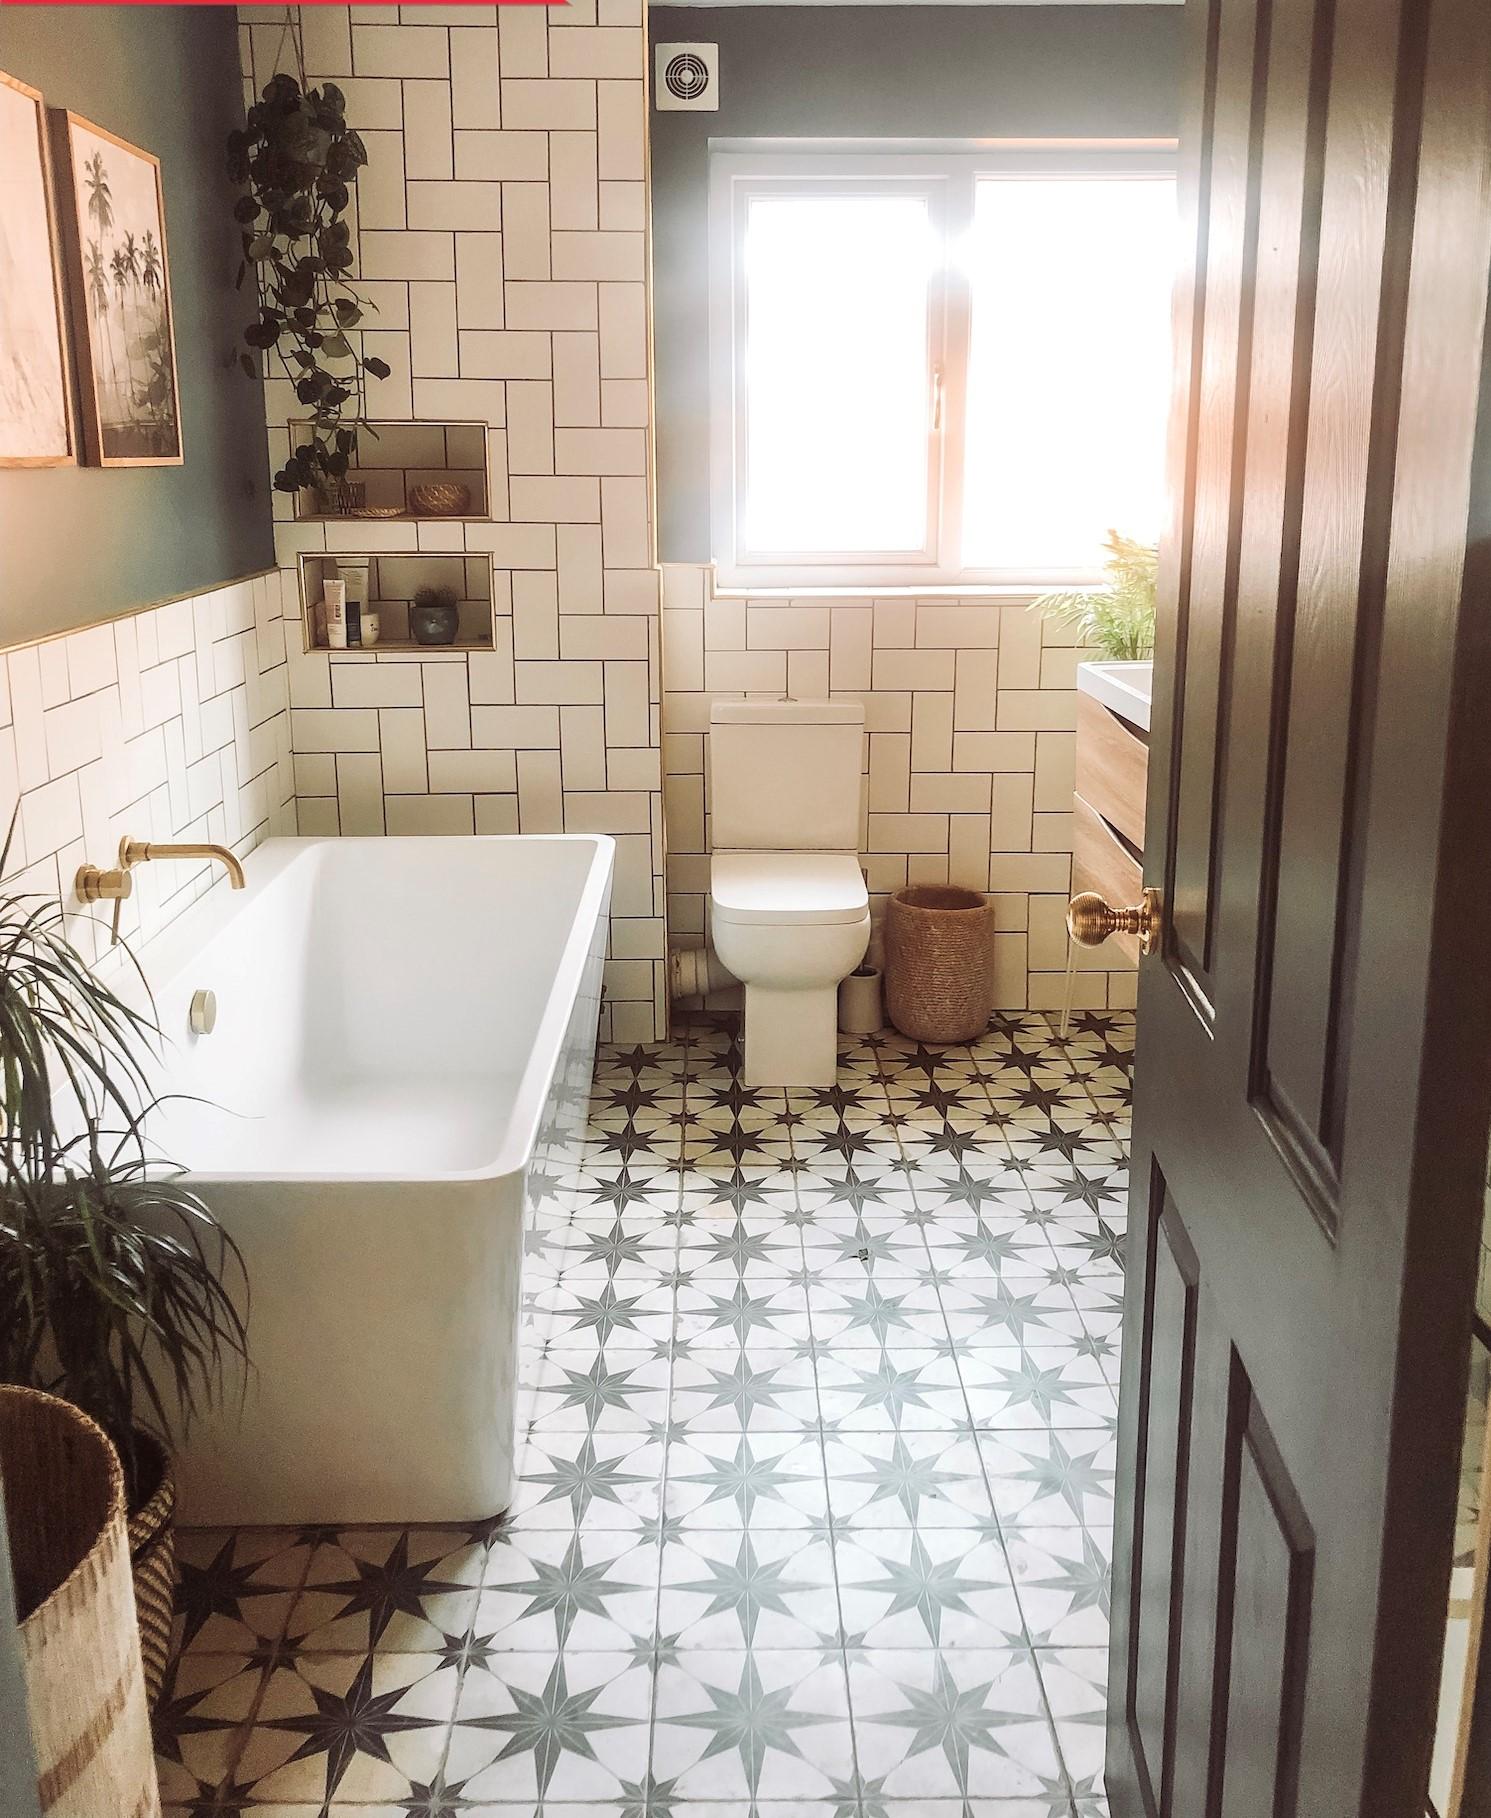 Ванная комната до и после фото 10